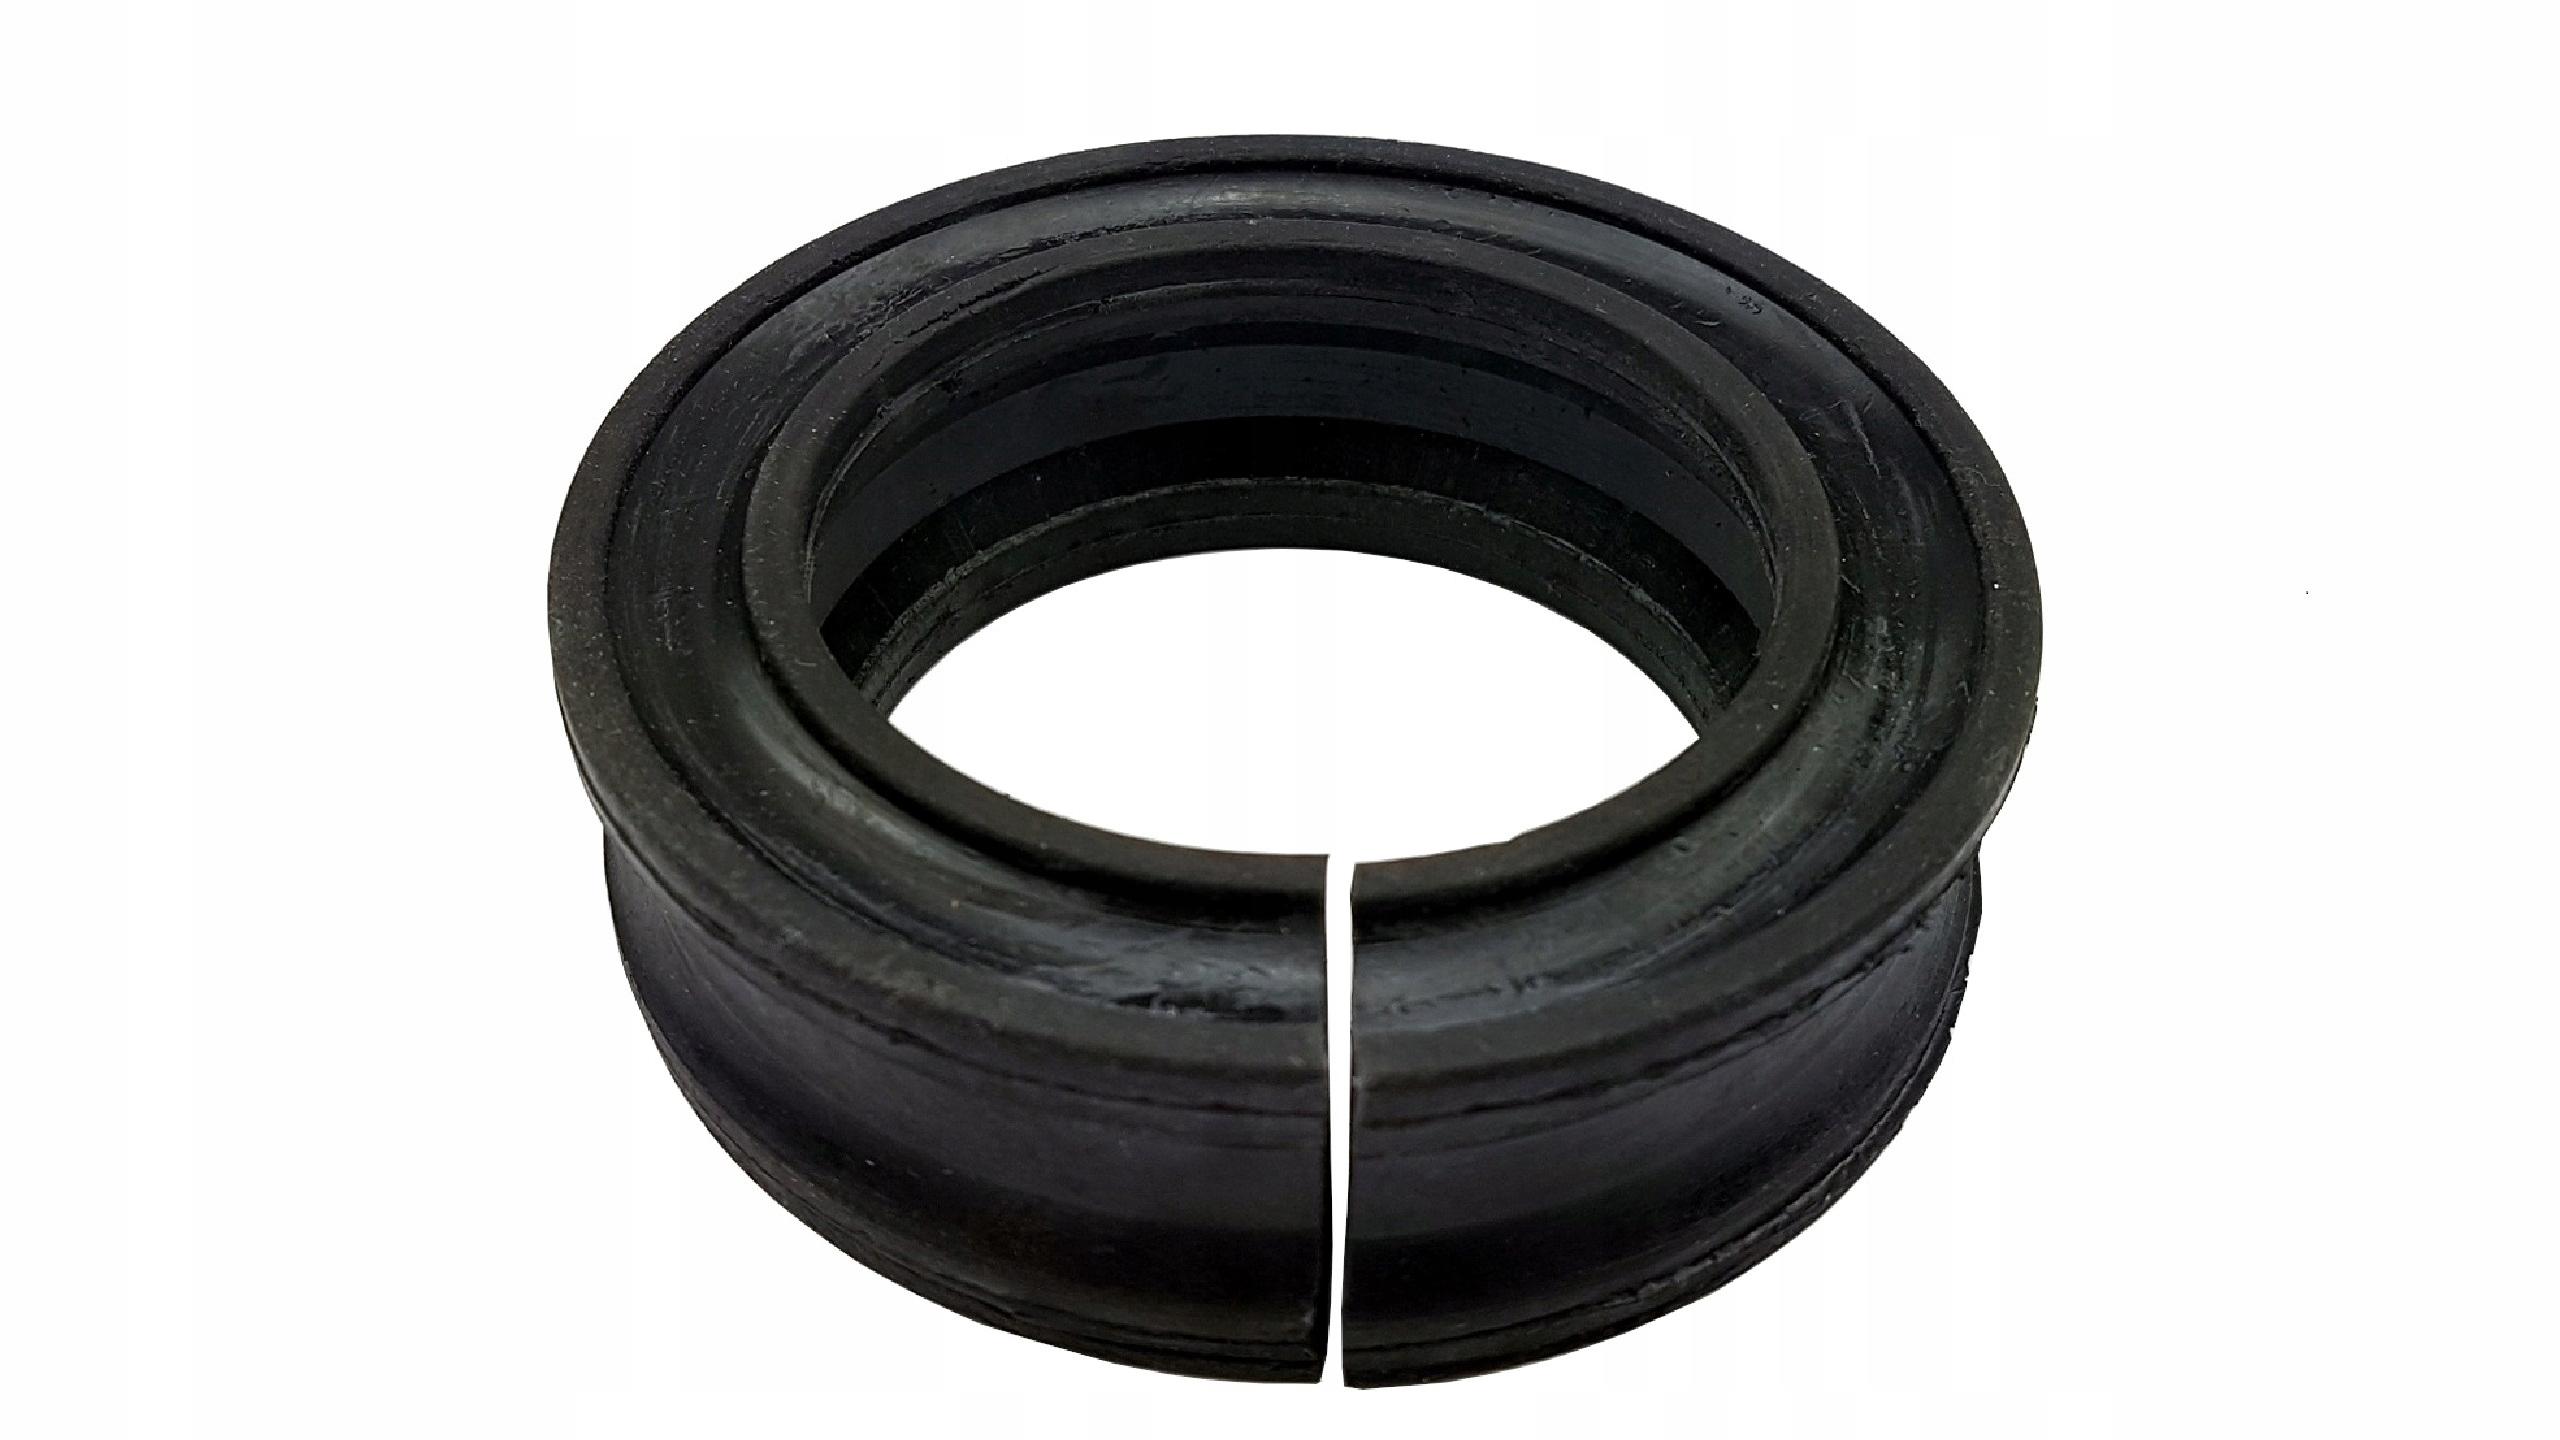 резина жесткости усиление пружин маленькие 30mm